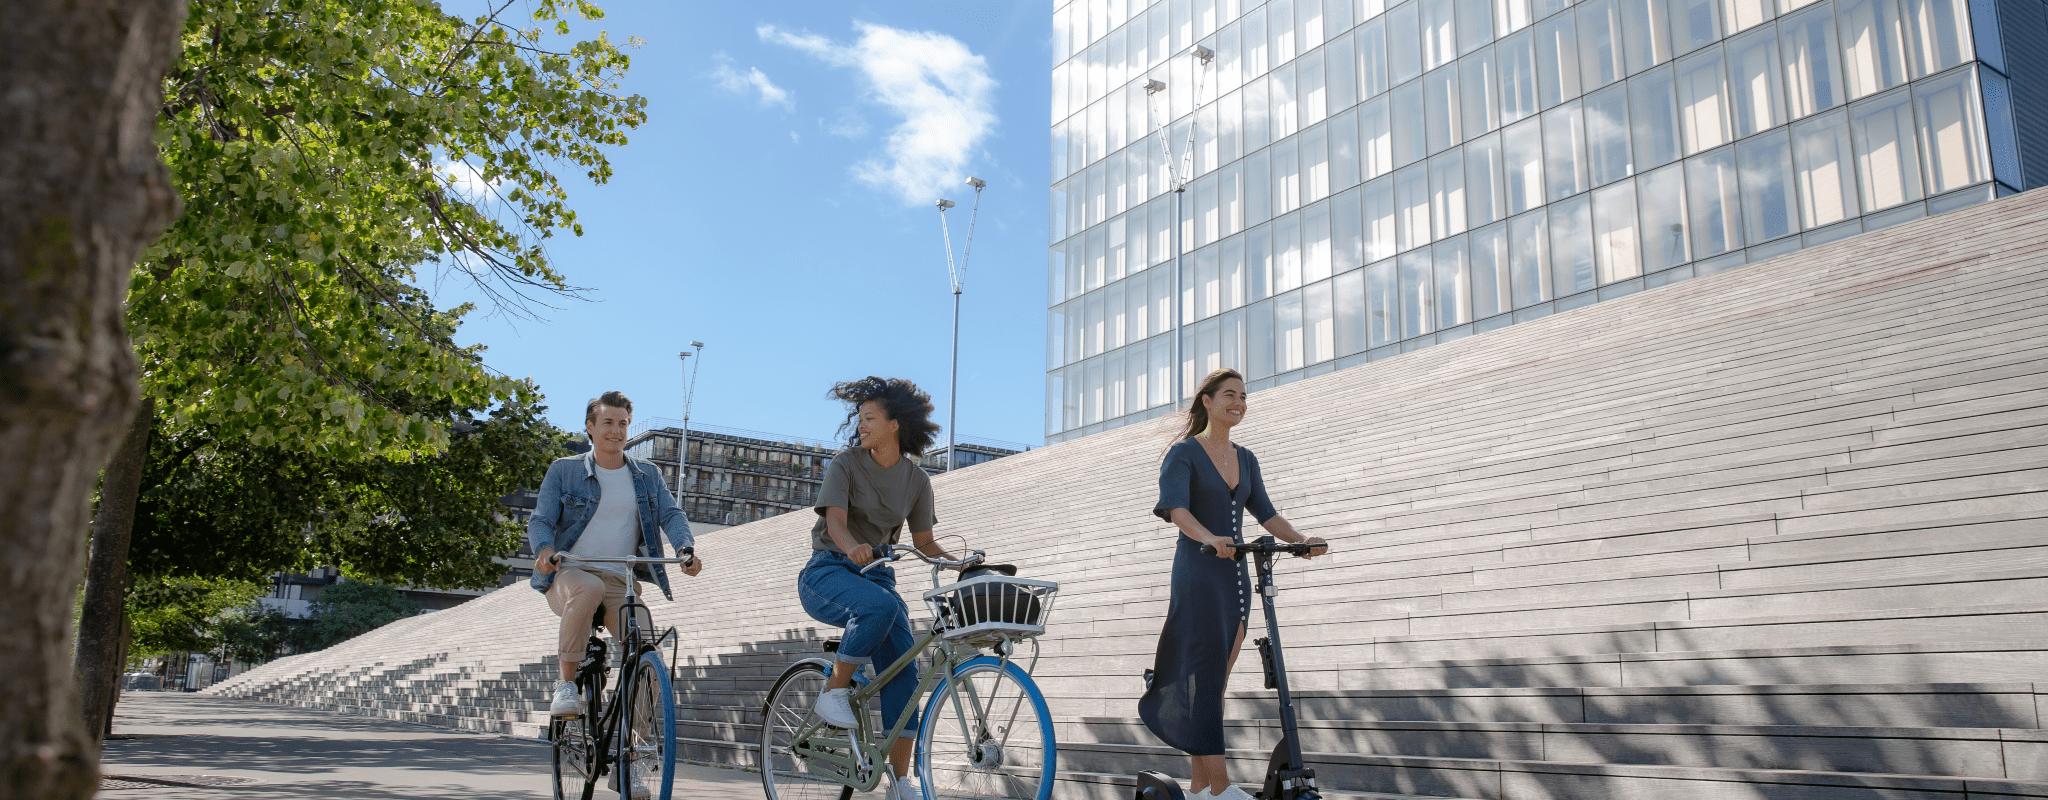 Dès avril, l'entreprise hollandaise Swapfiets louera des vélos et des trottinettes électriques à Strasbourg